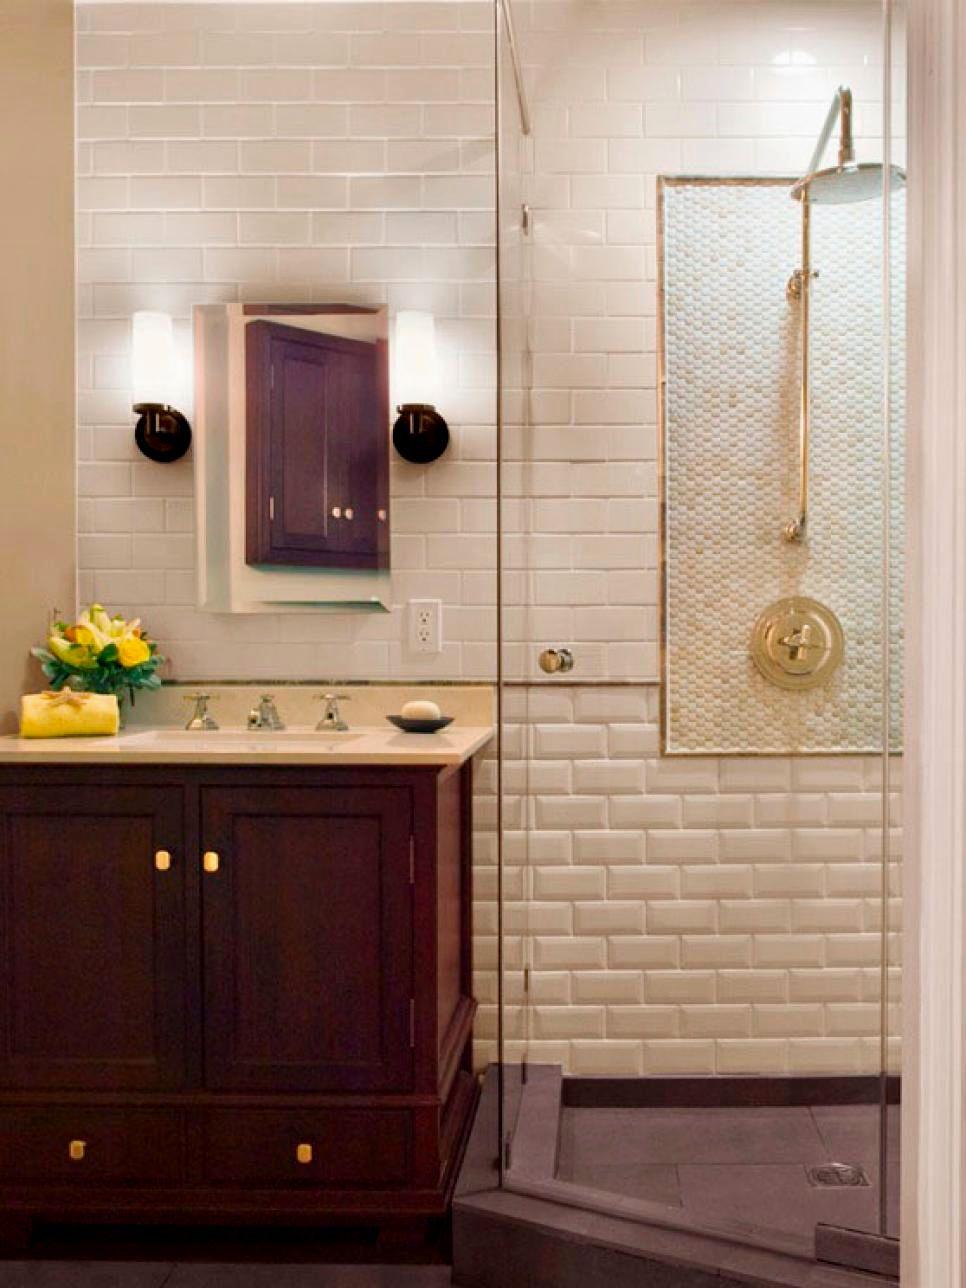 luxury travertine bathroom tiles concept-Fascinating Travertine Bathroom Tiles Ideas